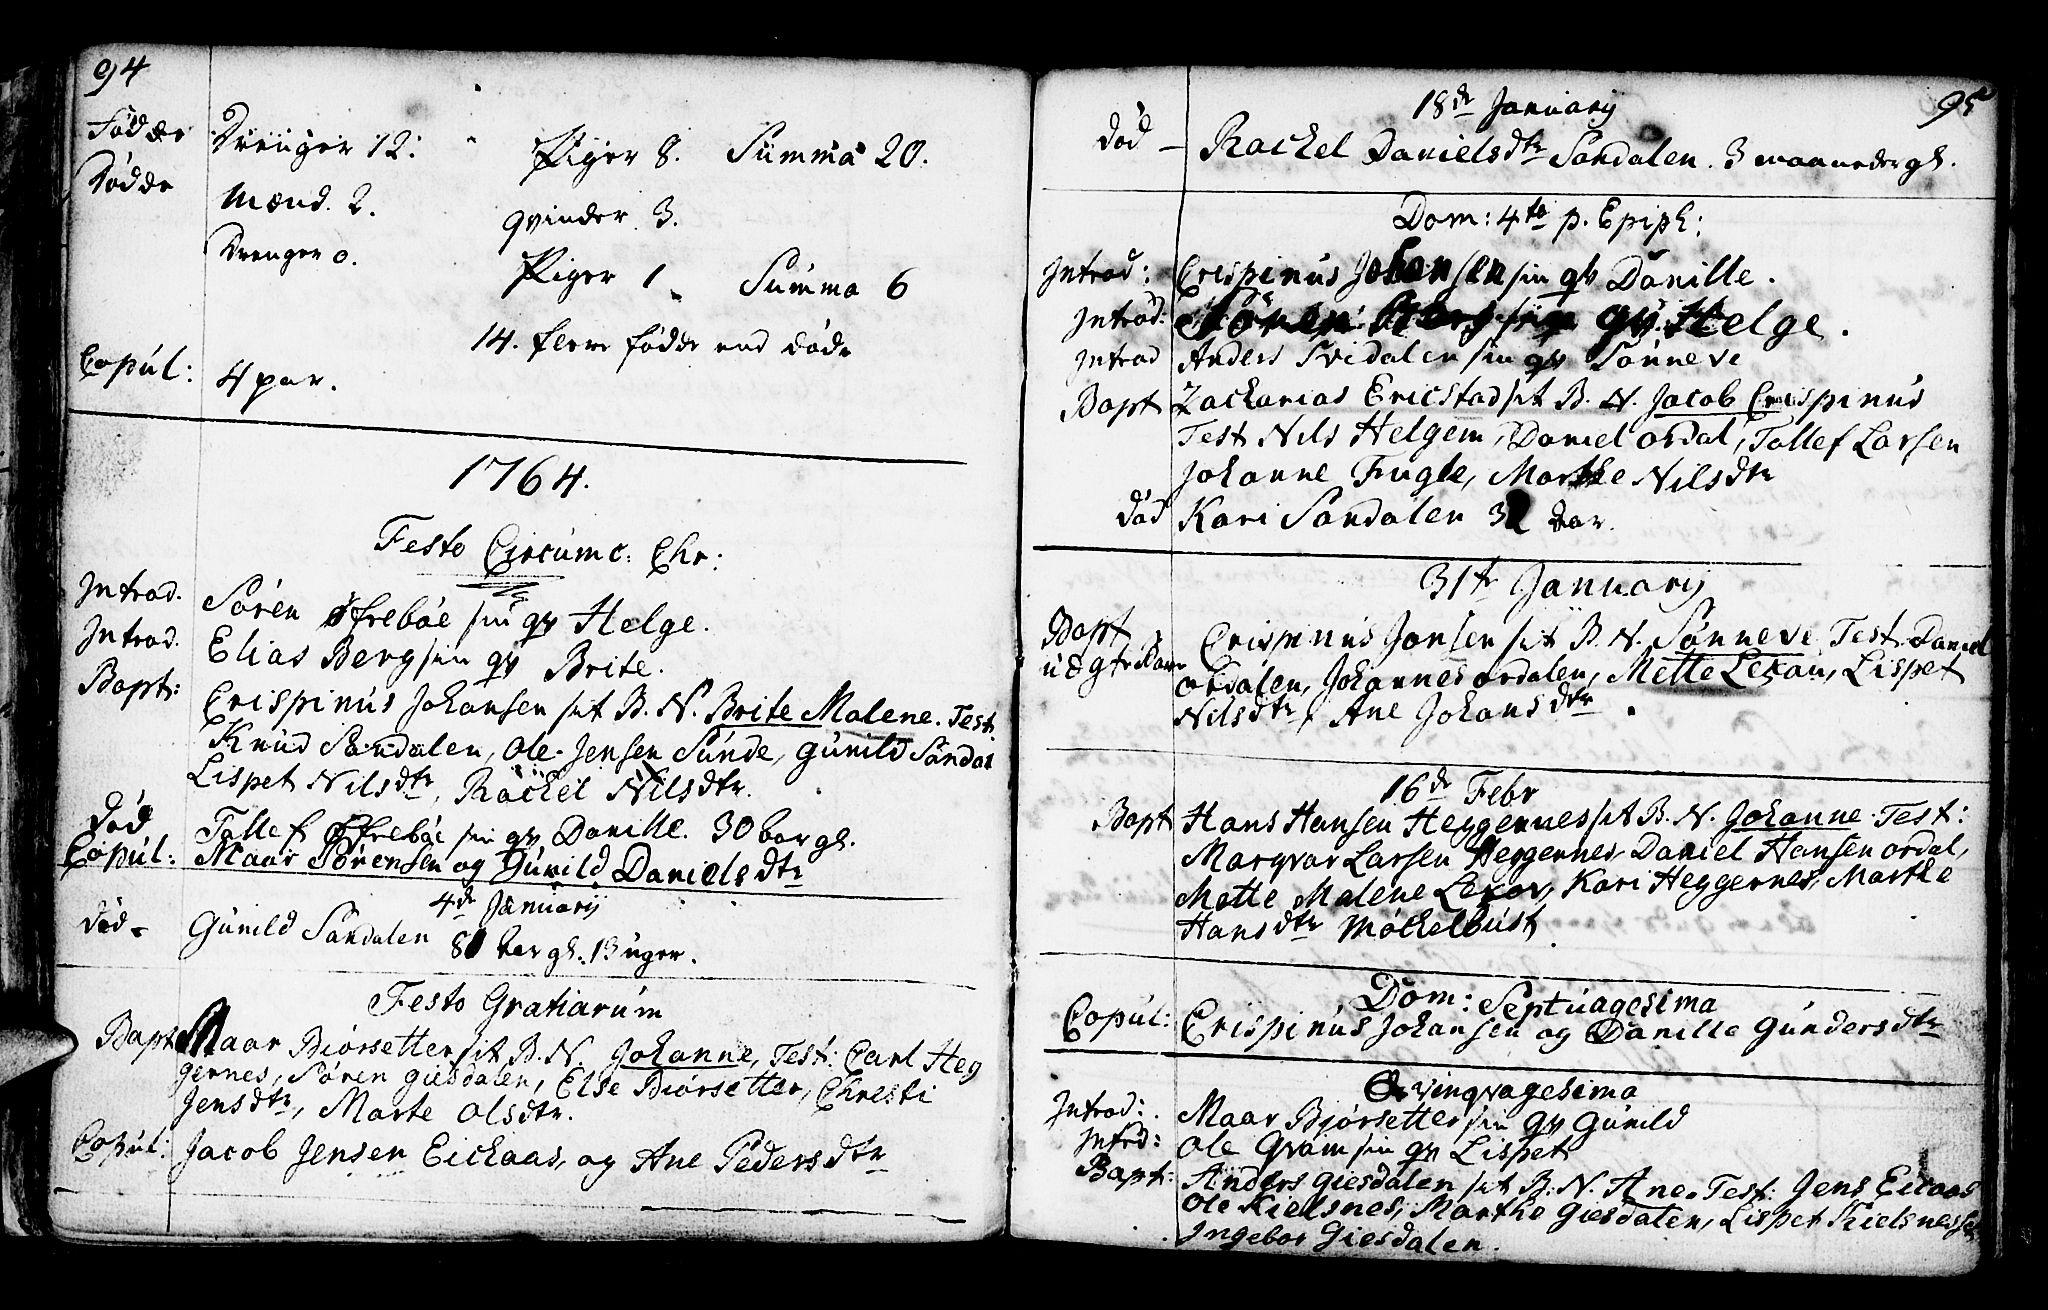 SAB, Jølster Sokneprestembete, Ministerialbok nr. A 3, 1748-1789, s. 94-95